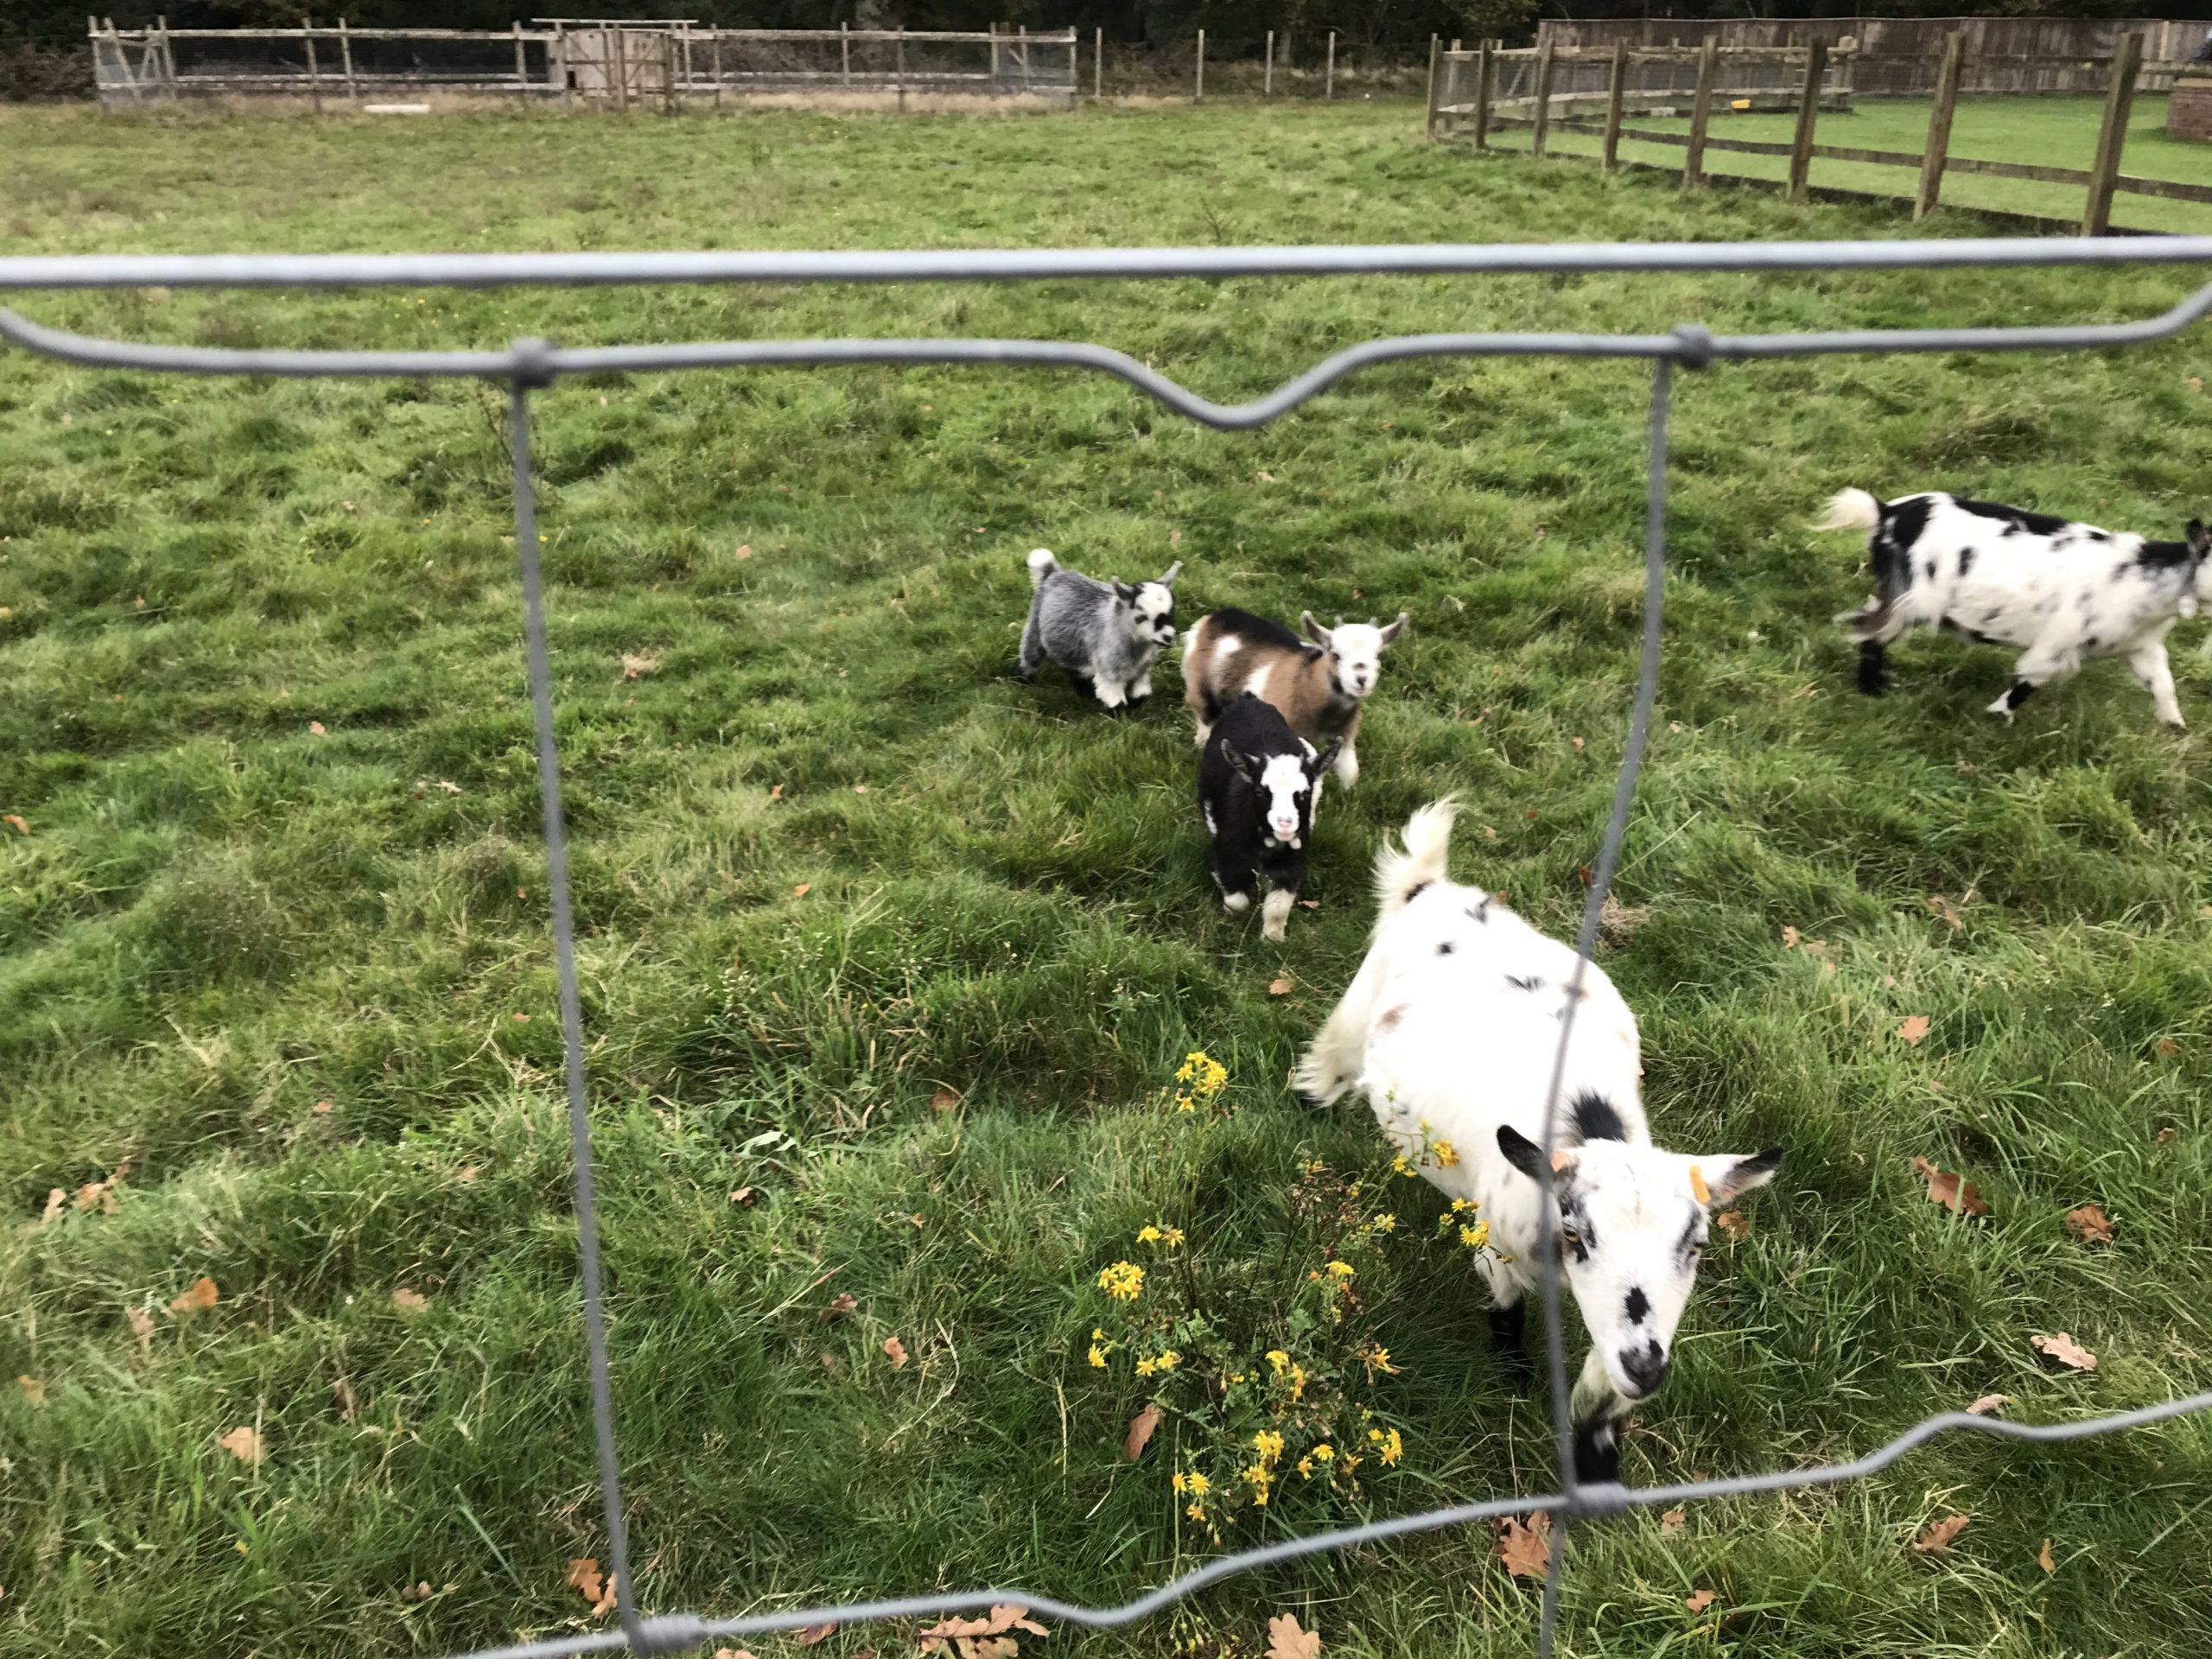 Goats in field